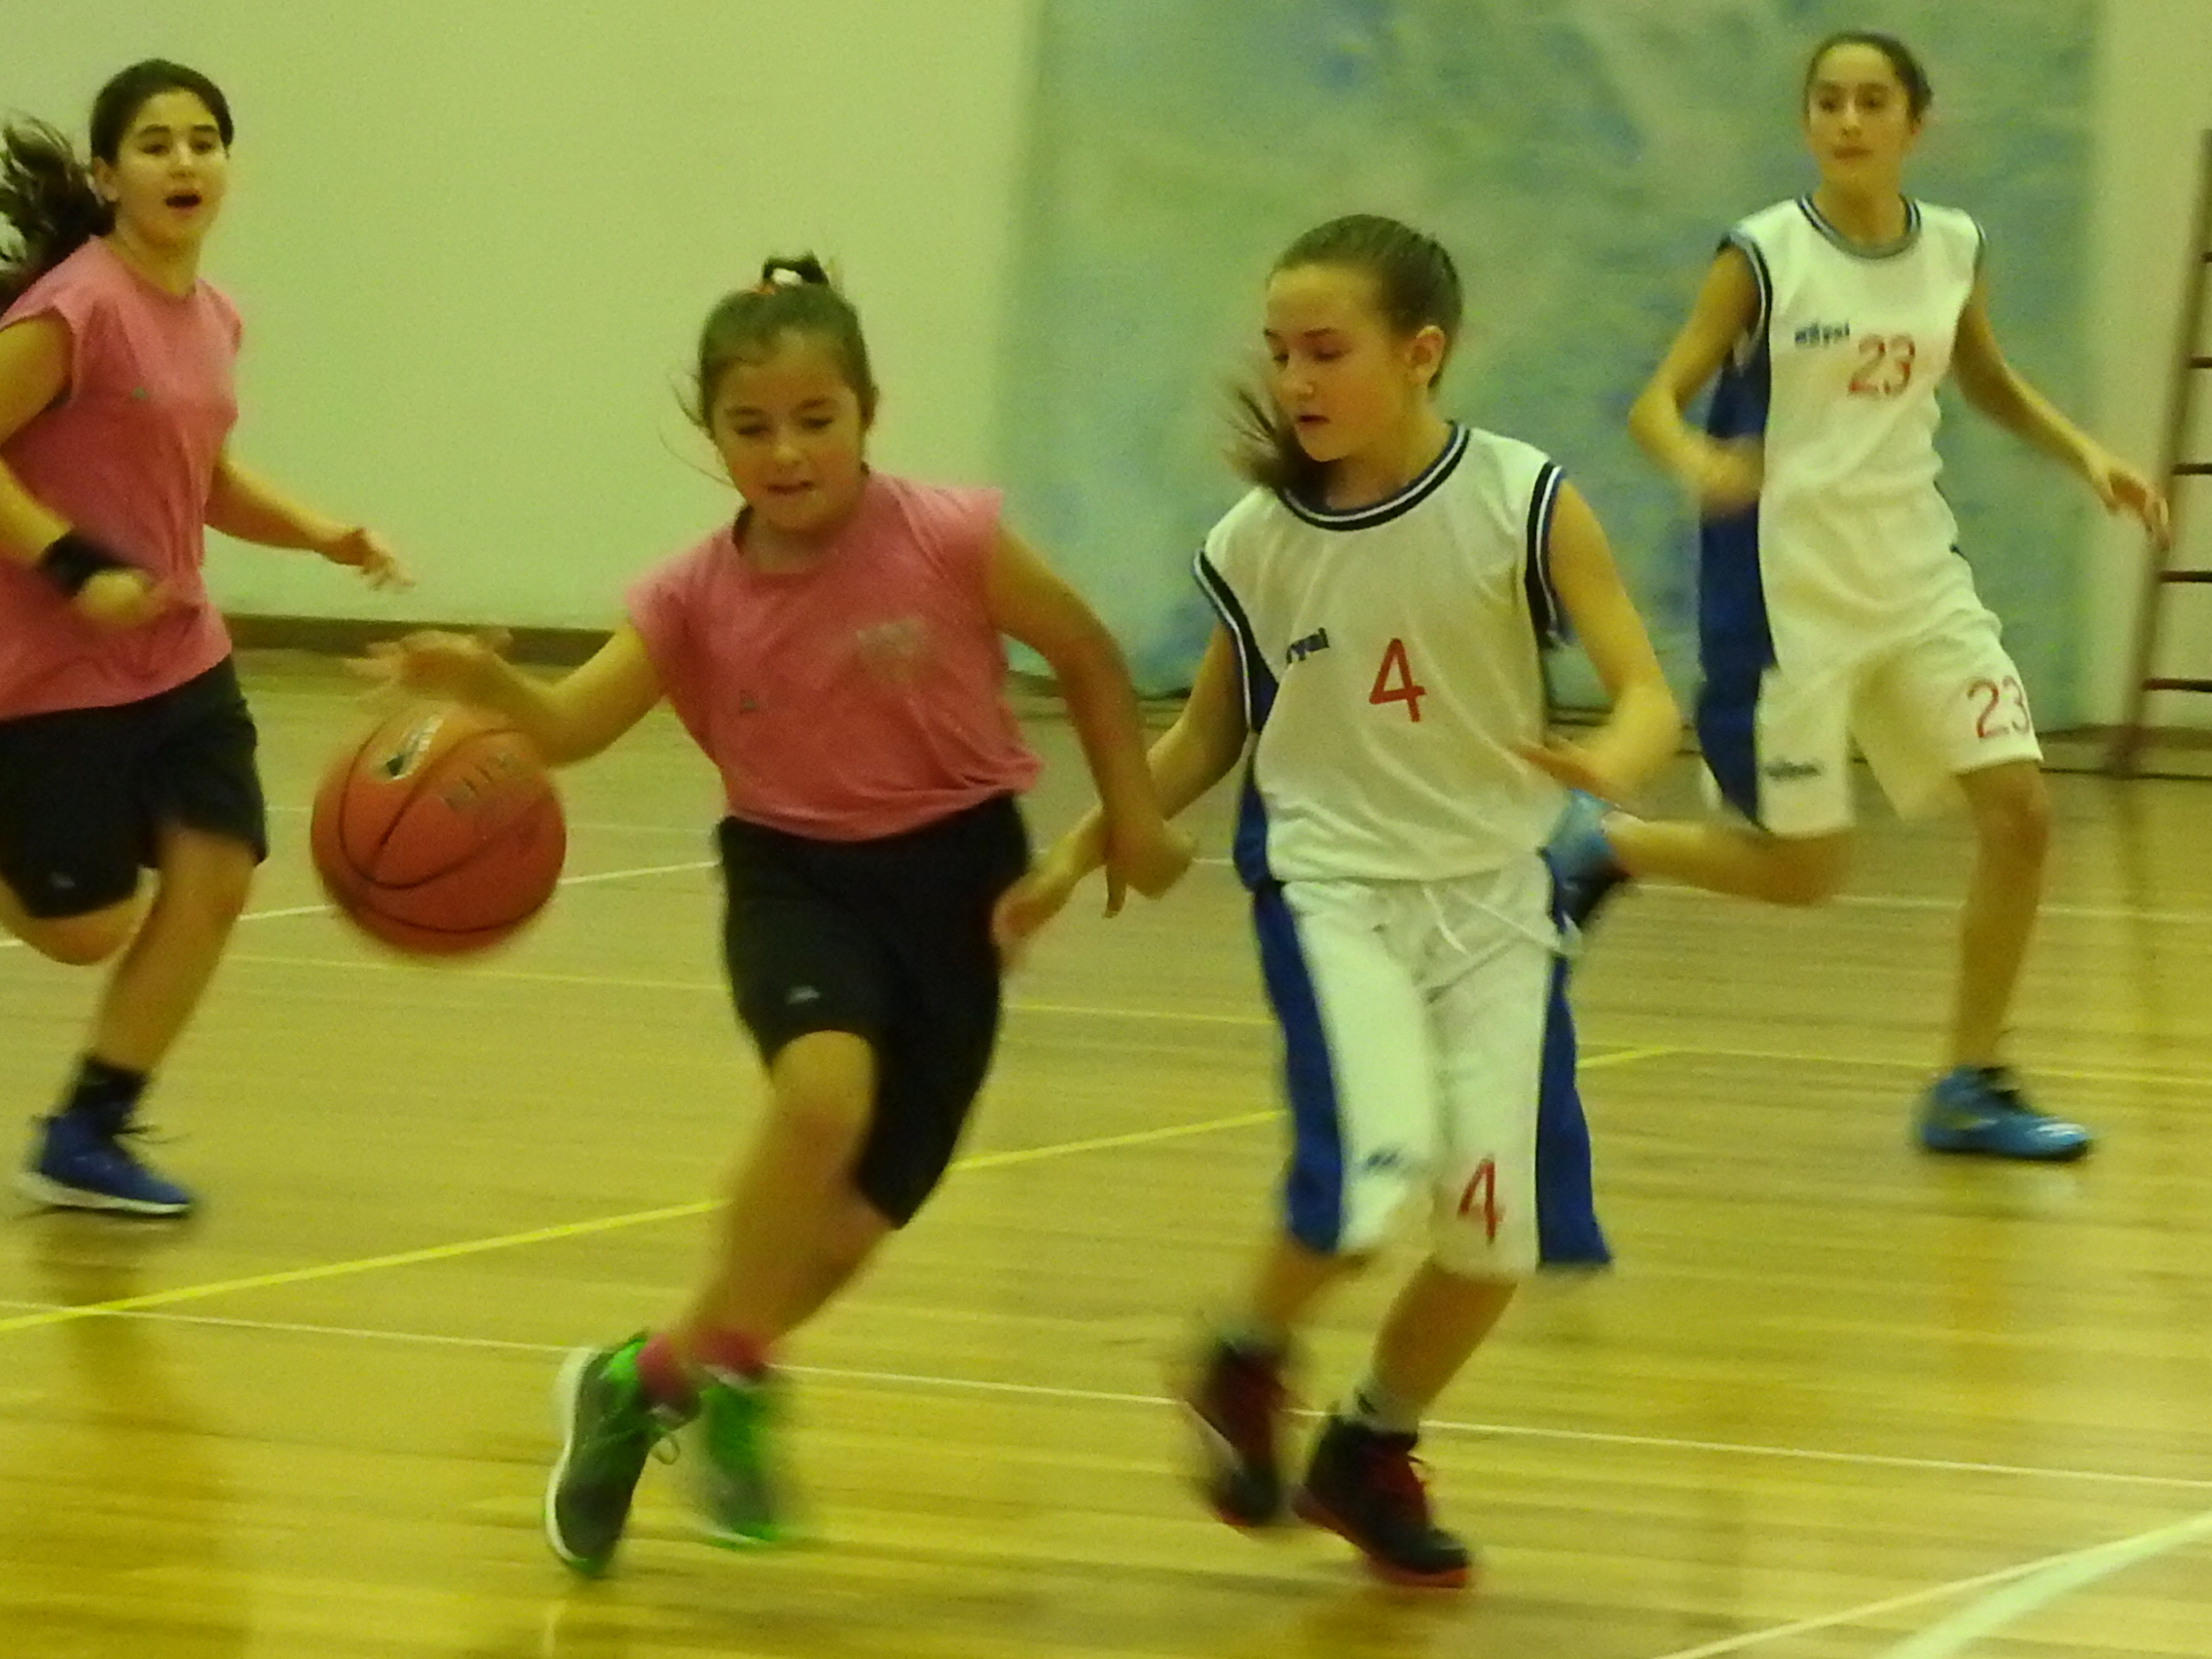 Τουρνουά Υποδομών – Η χαρά του μπάσκετ για τα παιδιά